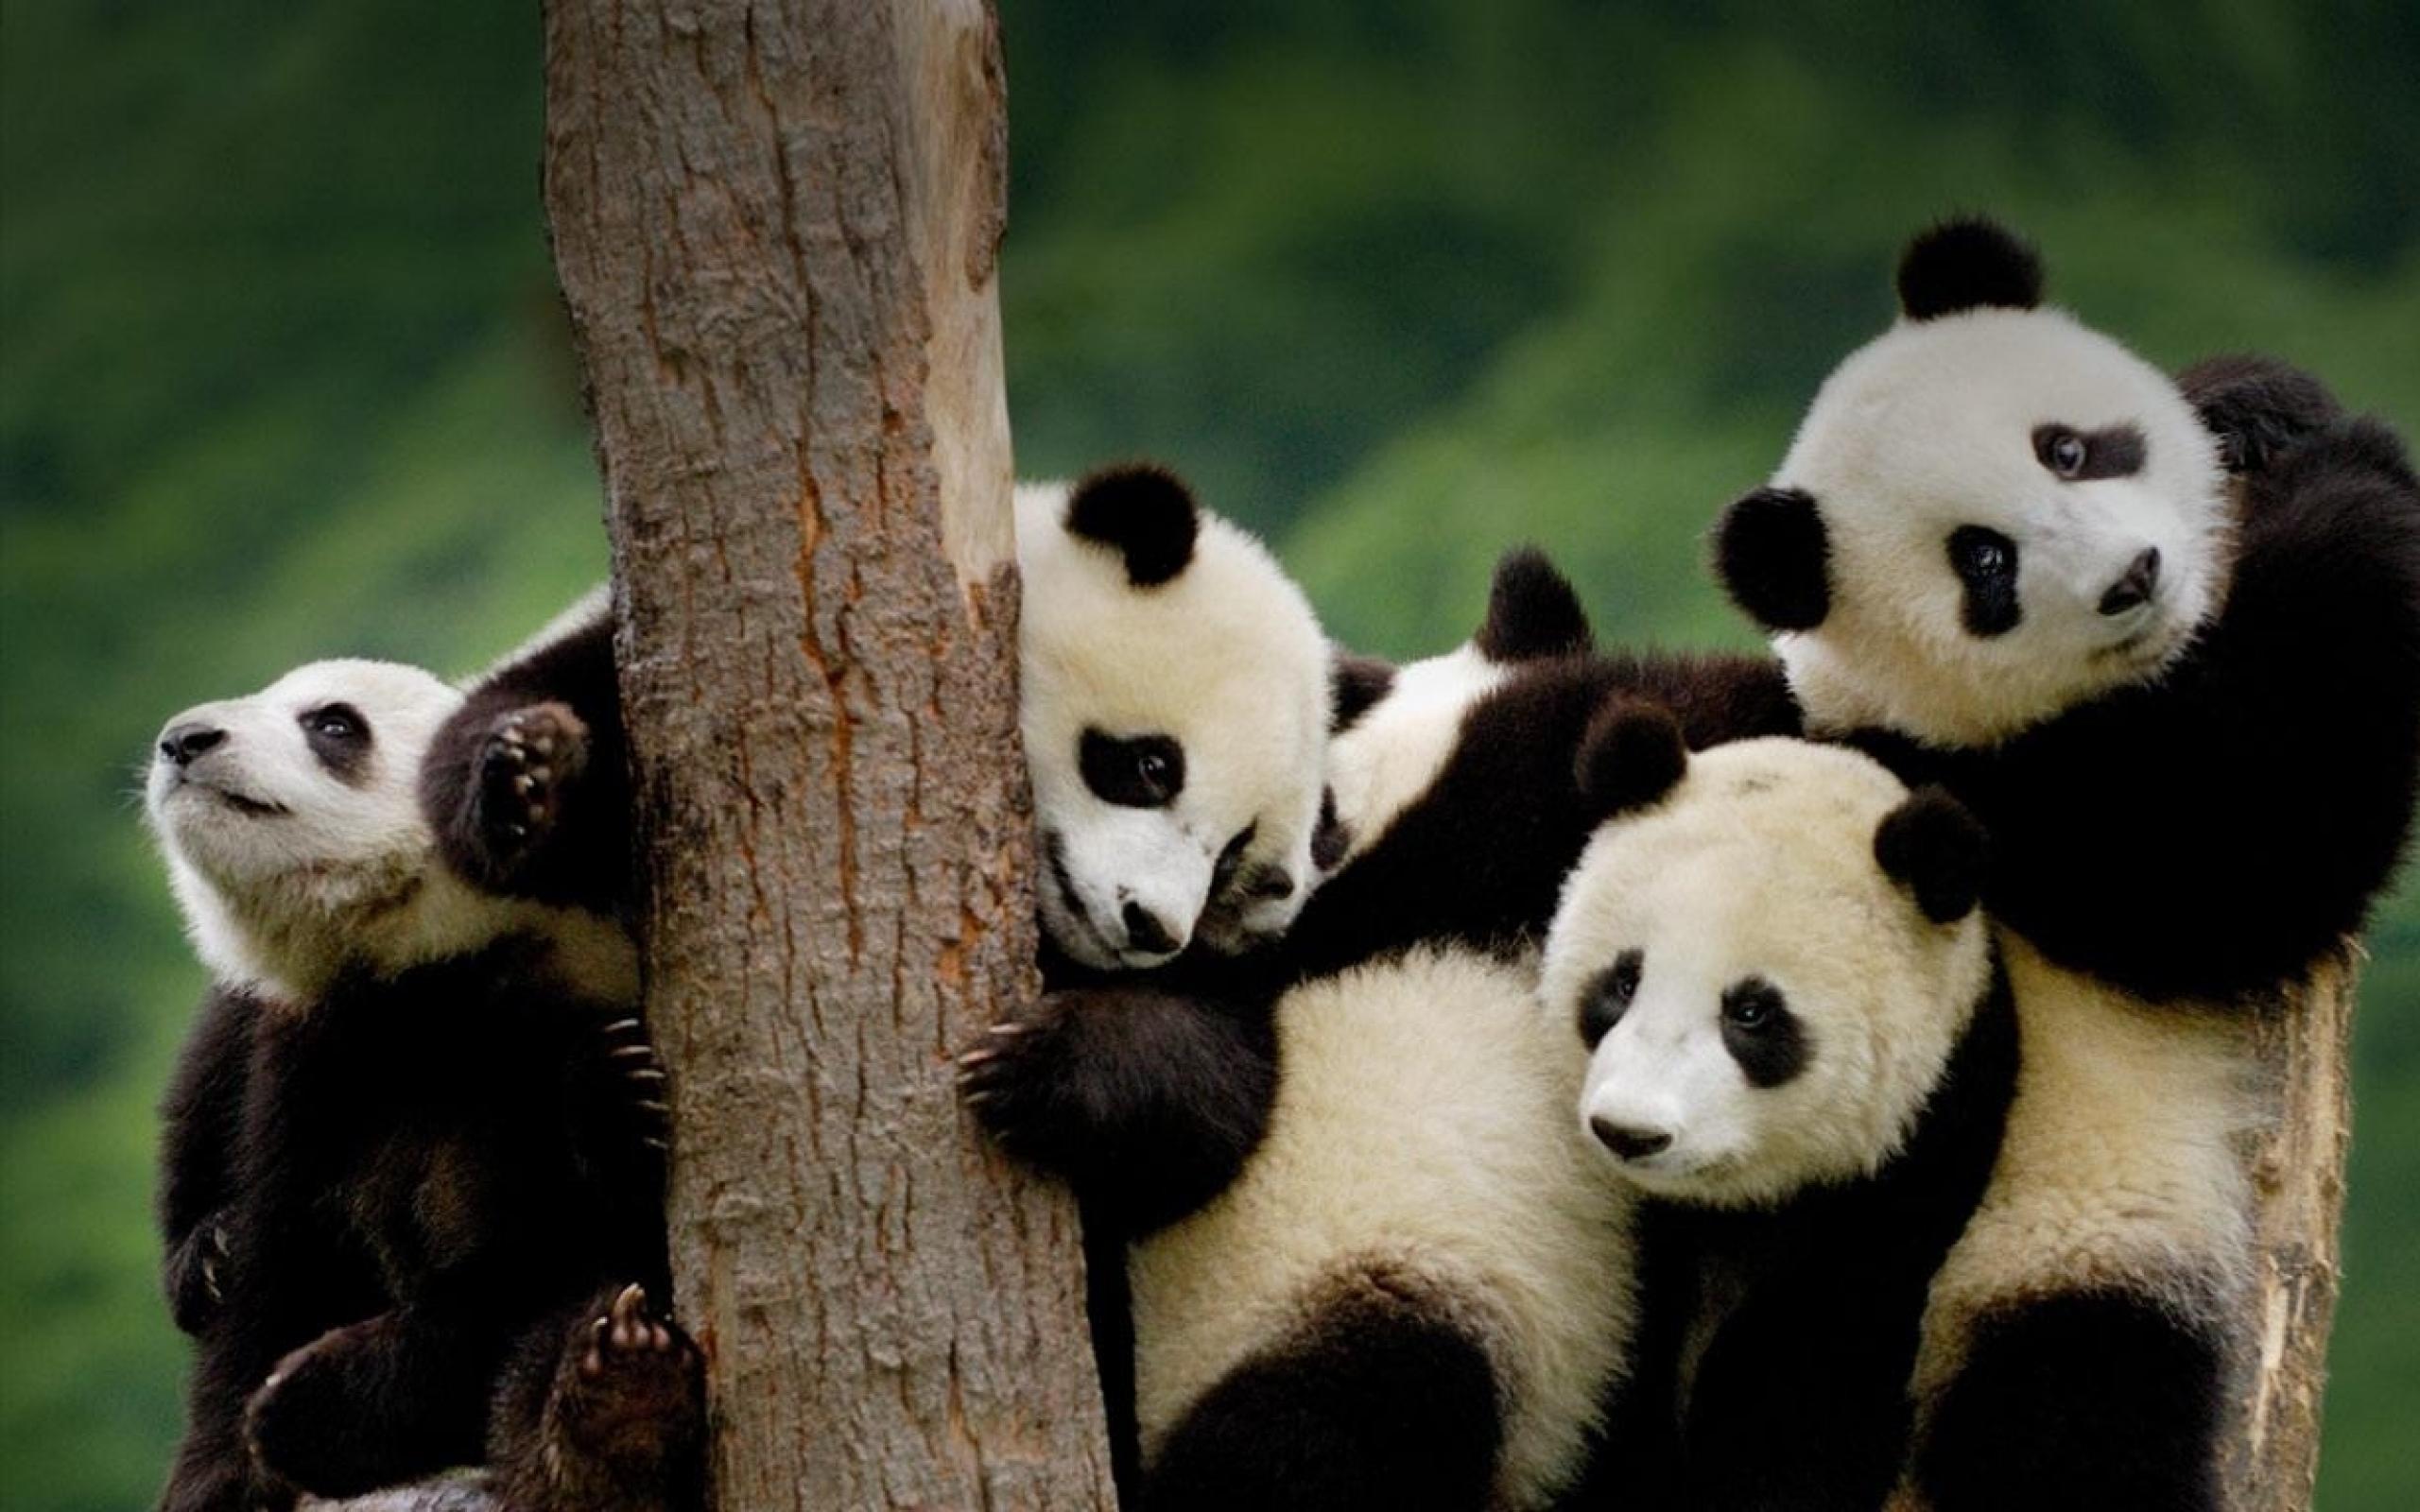 Title : cute panda wallpapers, cute panda wallpapers for free download. Dimension : 2560 x 1600. File Type : JPG/JPEG